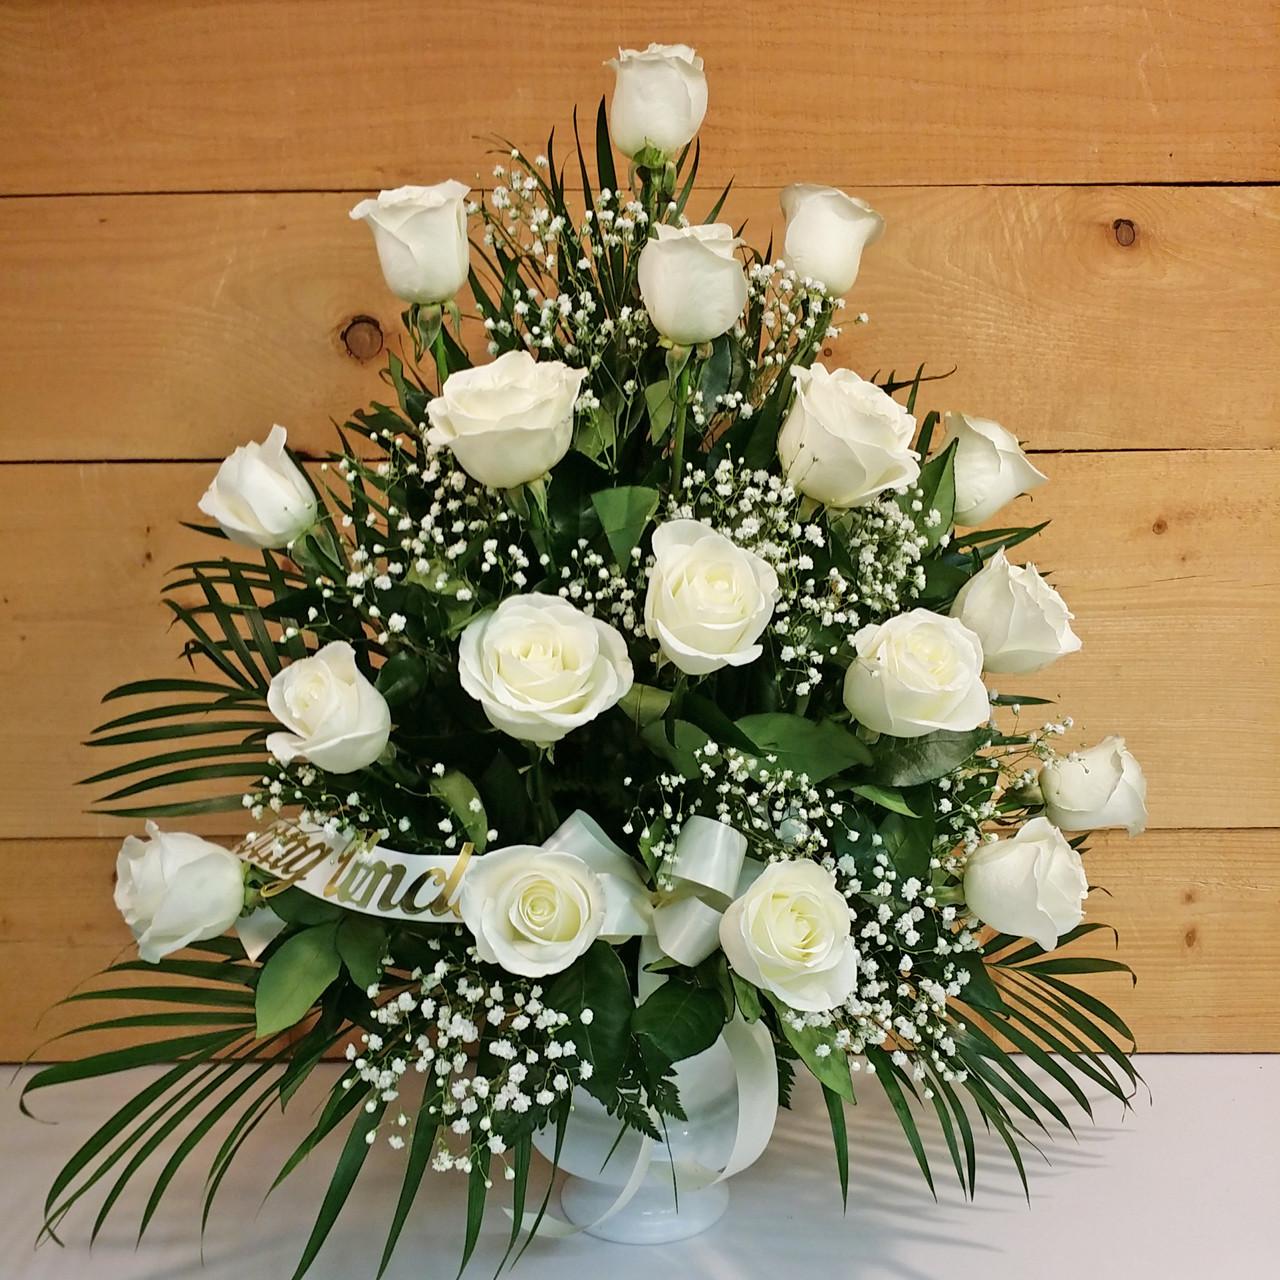 18 White Rose Sympathy Arrangement Savilles Country Florist